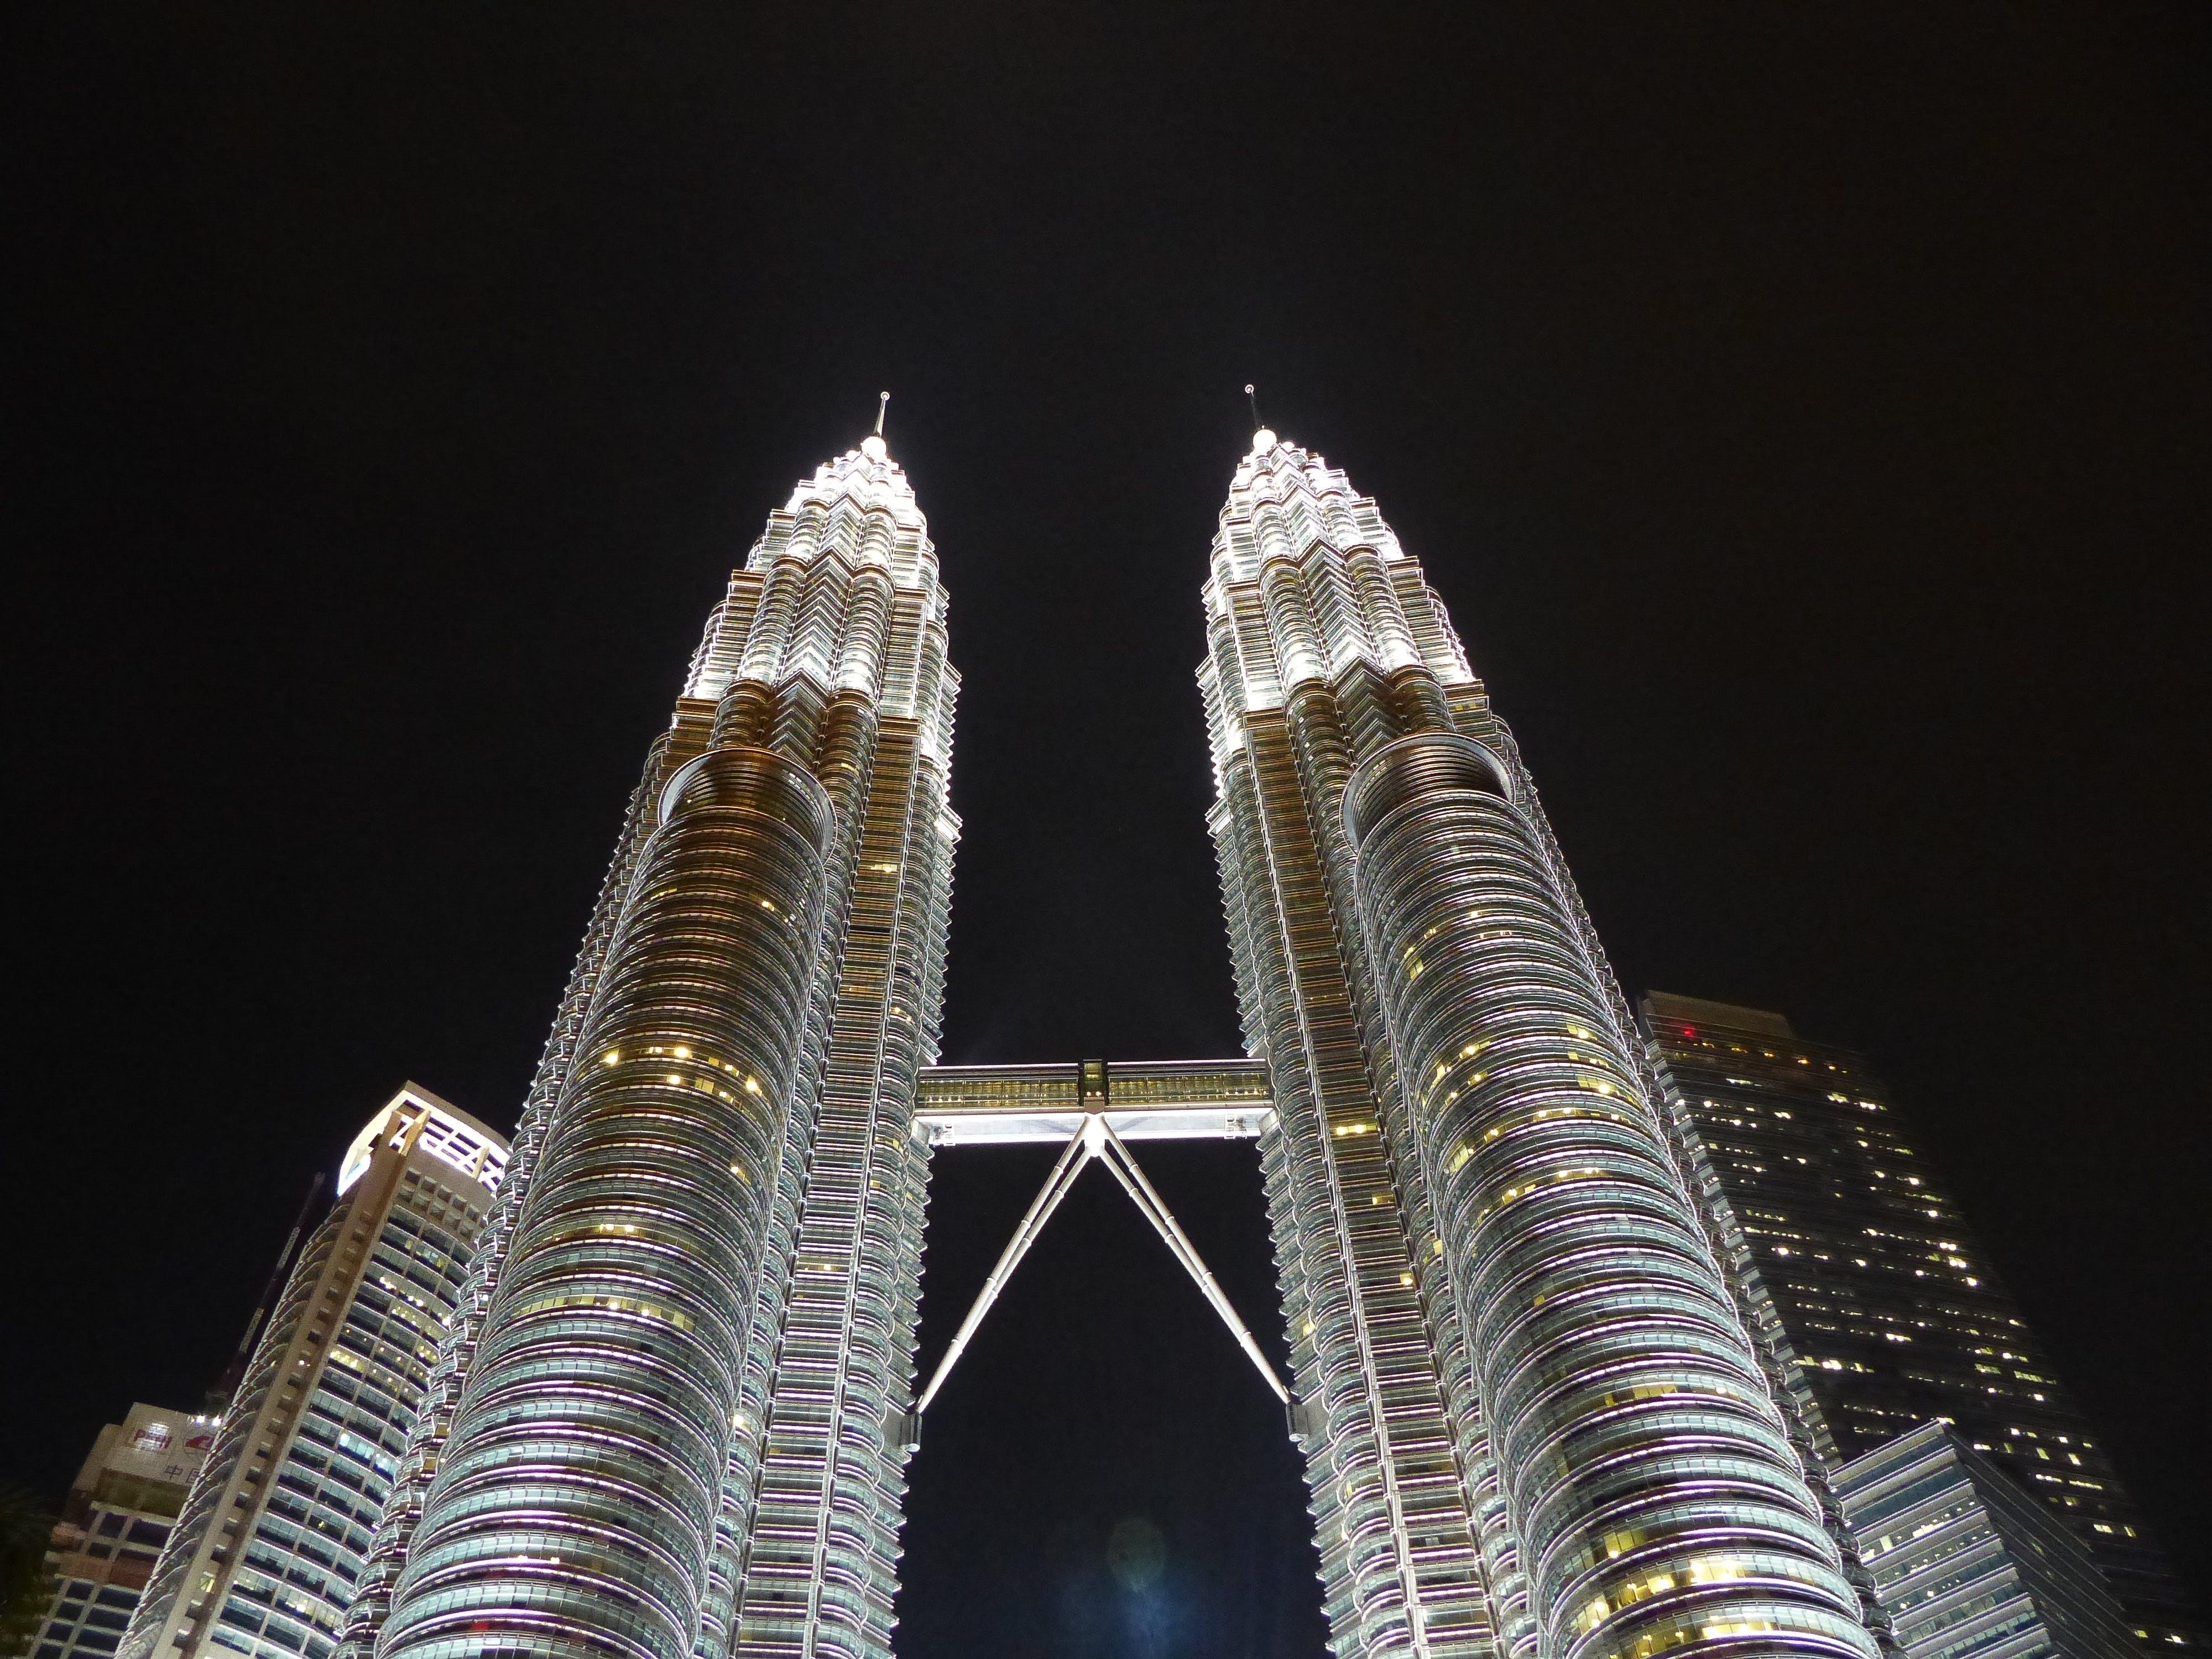 Fotos de stock gratuitas de arquitectura, cielo, ciudad, edificios